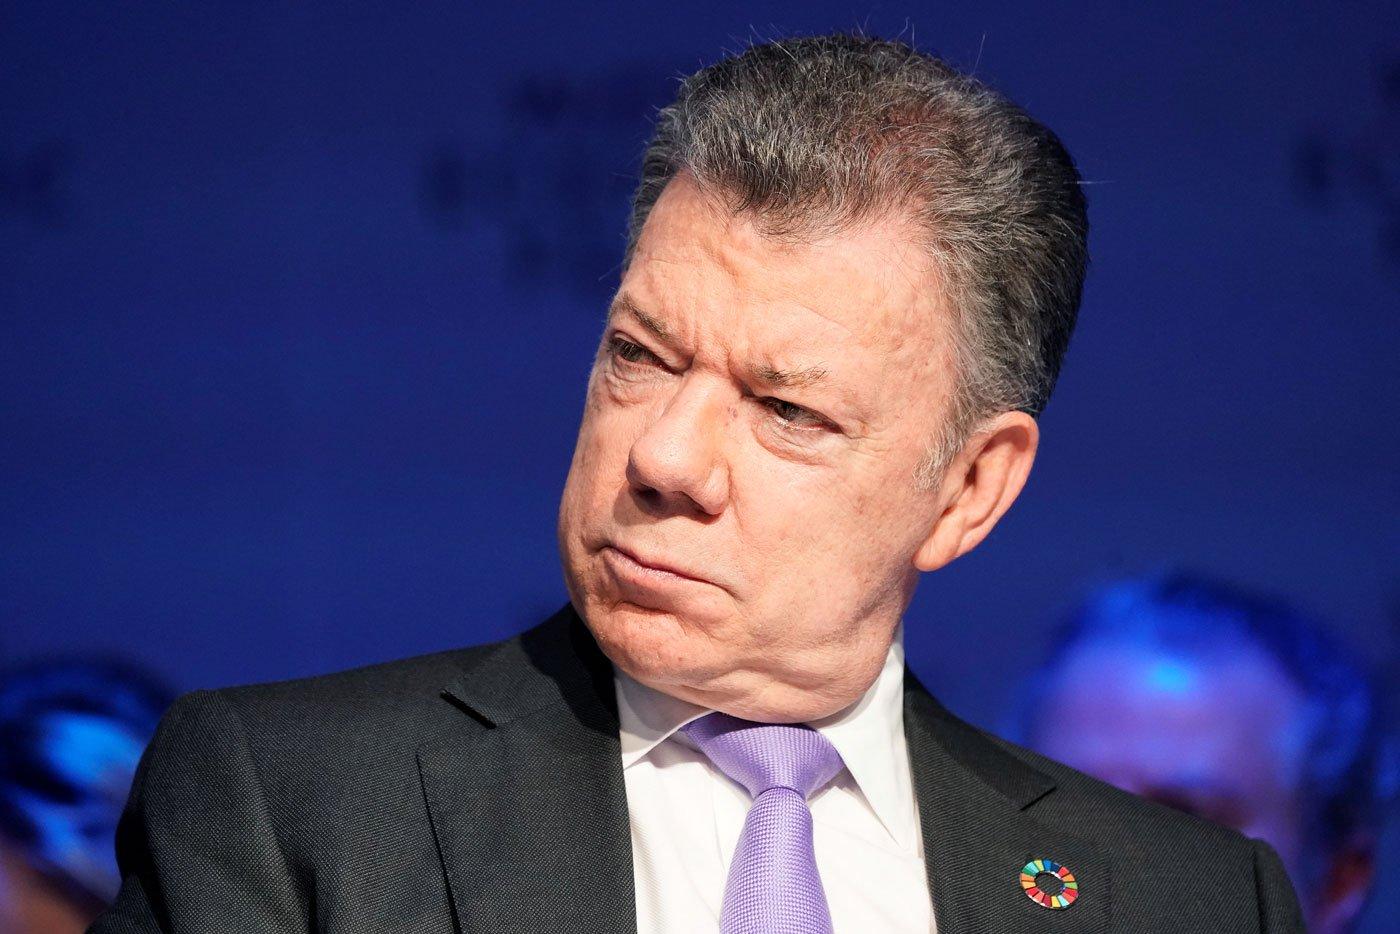 El presidente de Colombia Juan Maniel Santos en el Foro Económico Mundial el 24 de enero de 2018. REUTERS/Denis Balibouse